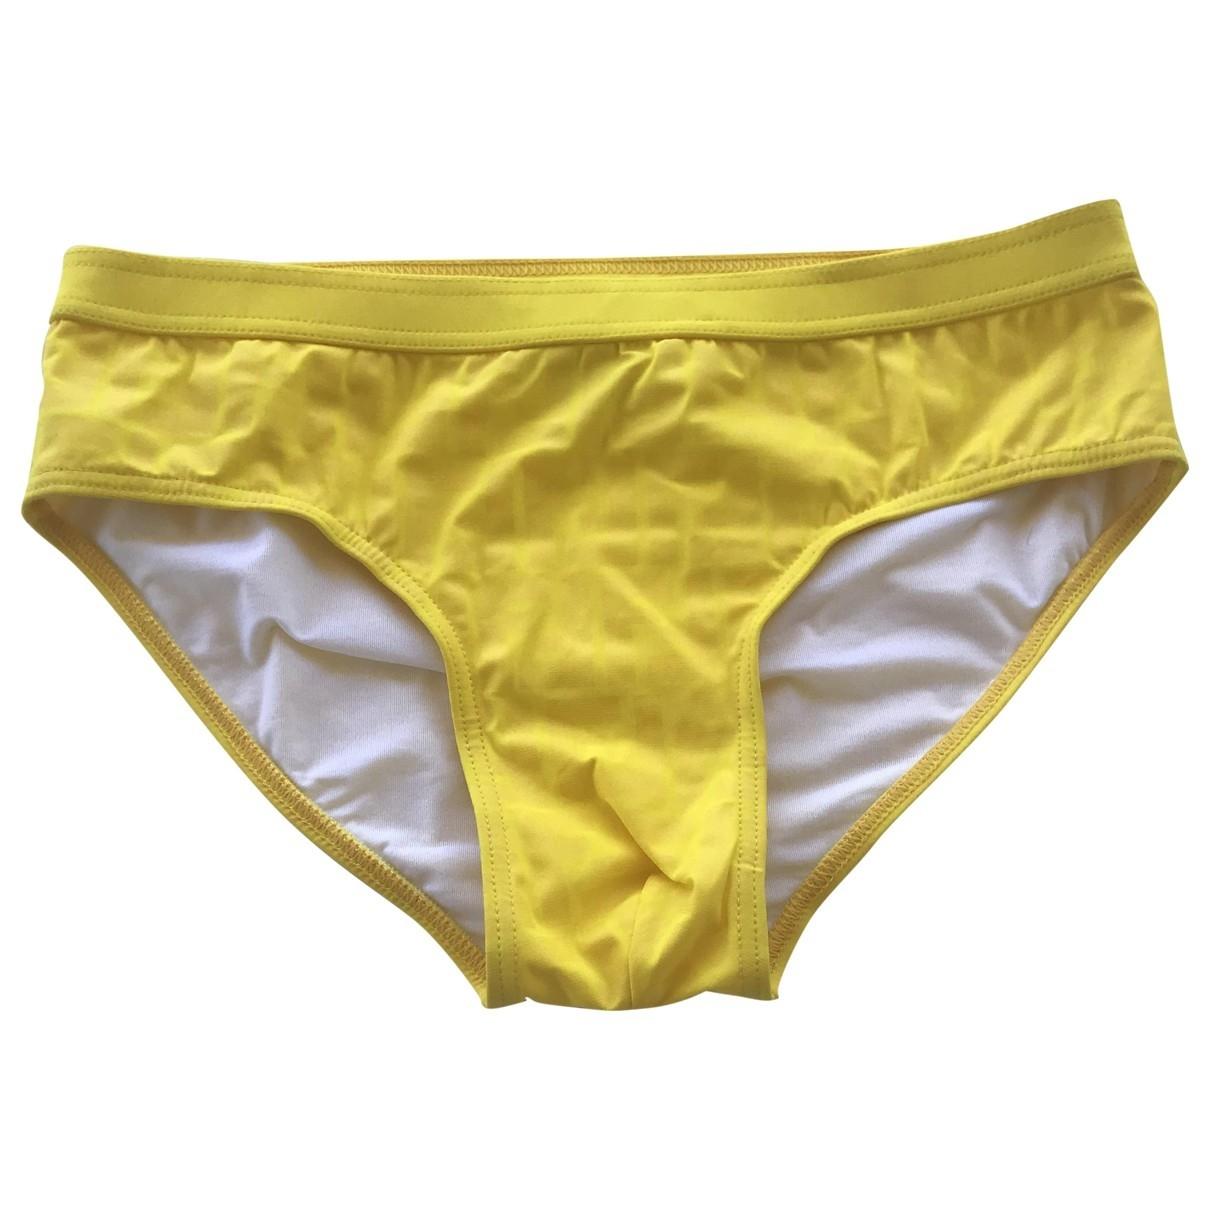 Fendi \N Badeanzug in  Gelb Polyester